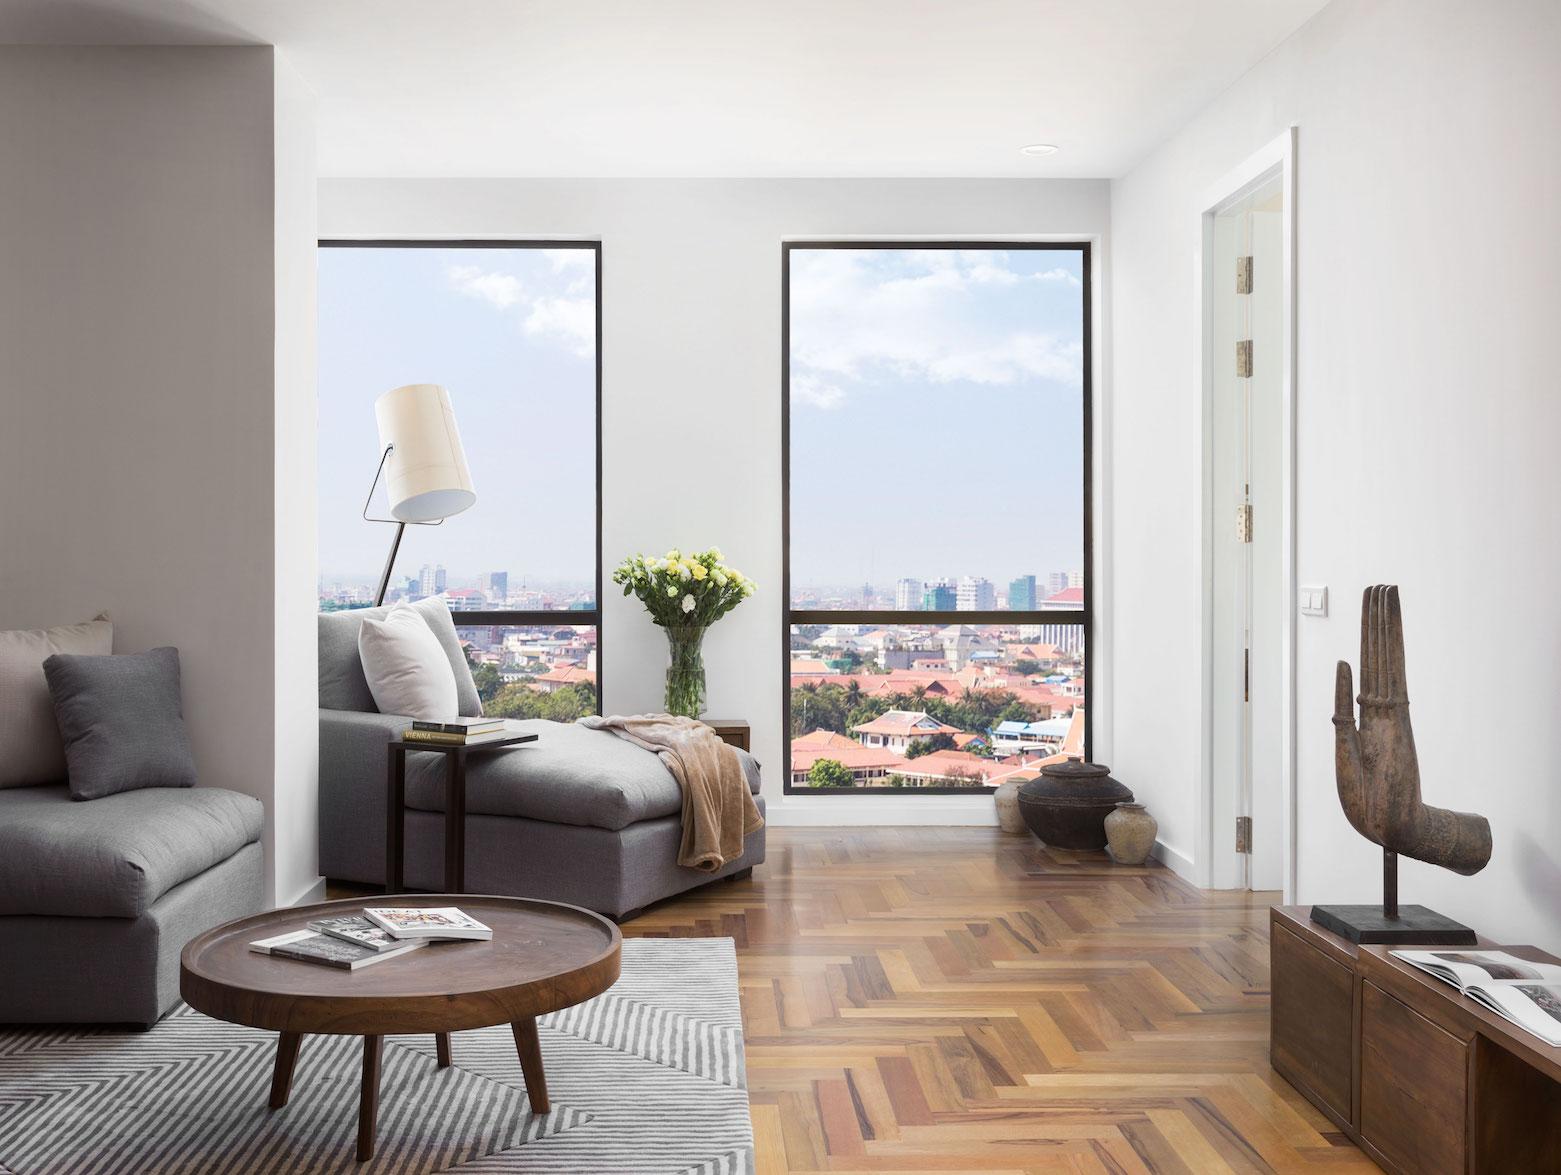 2-bedroom-lounge--european-BKK1-condominium-cambodia-habitat-condos.jpg